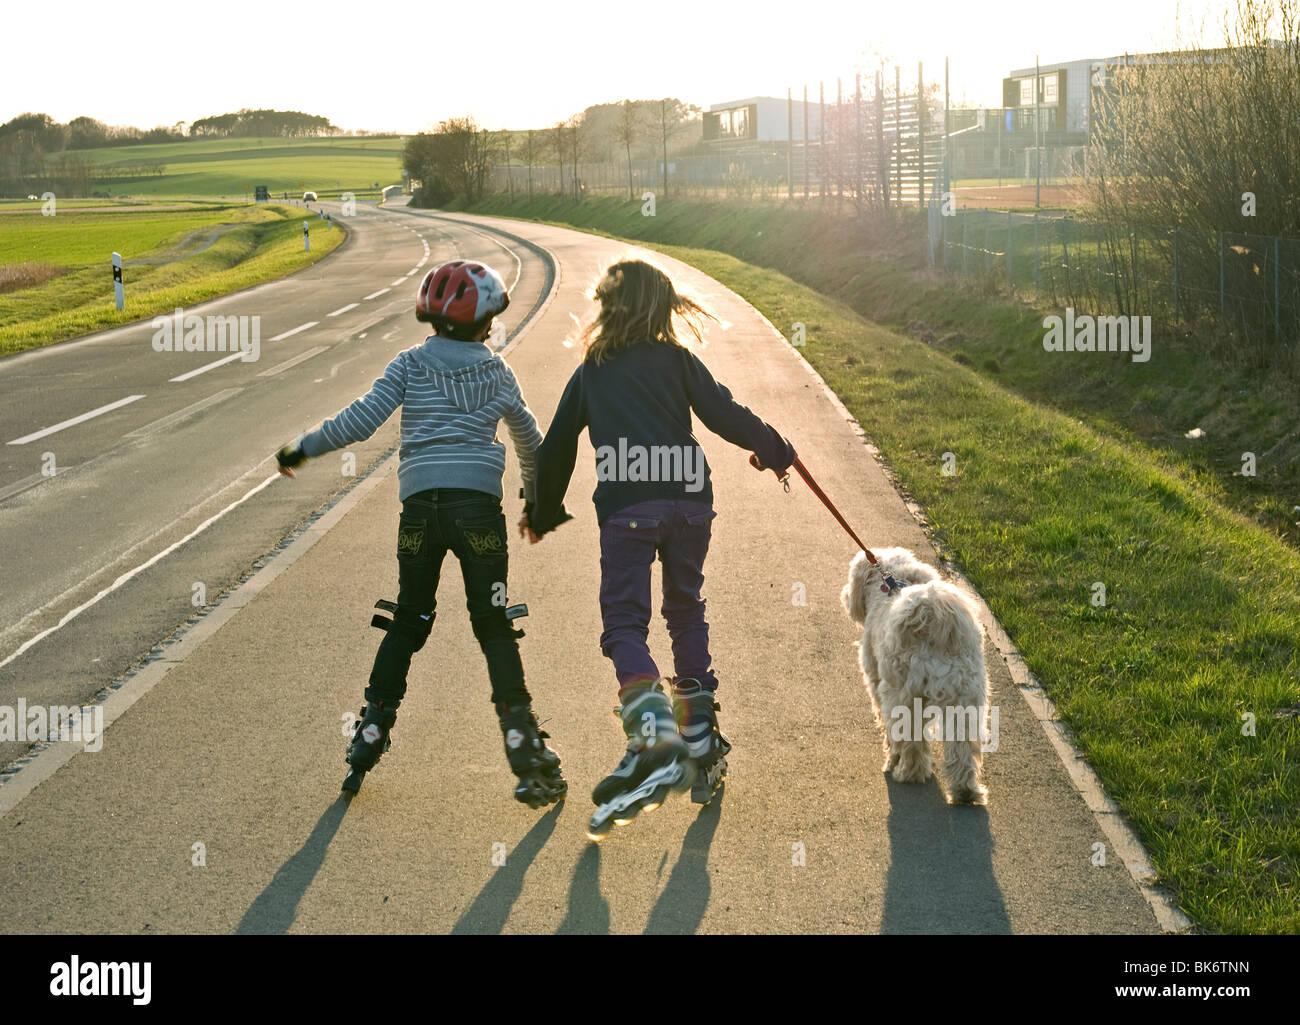 2-children-on-roller-blades-walking-pet-